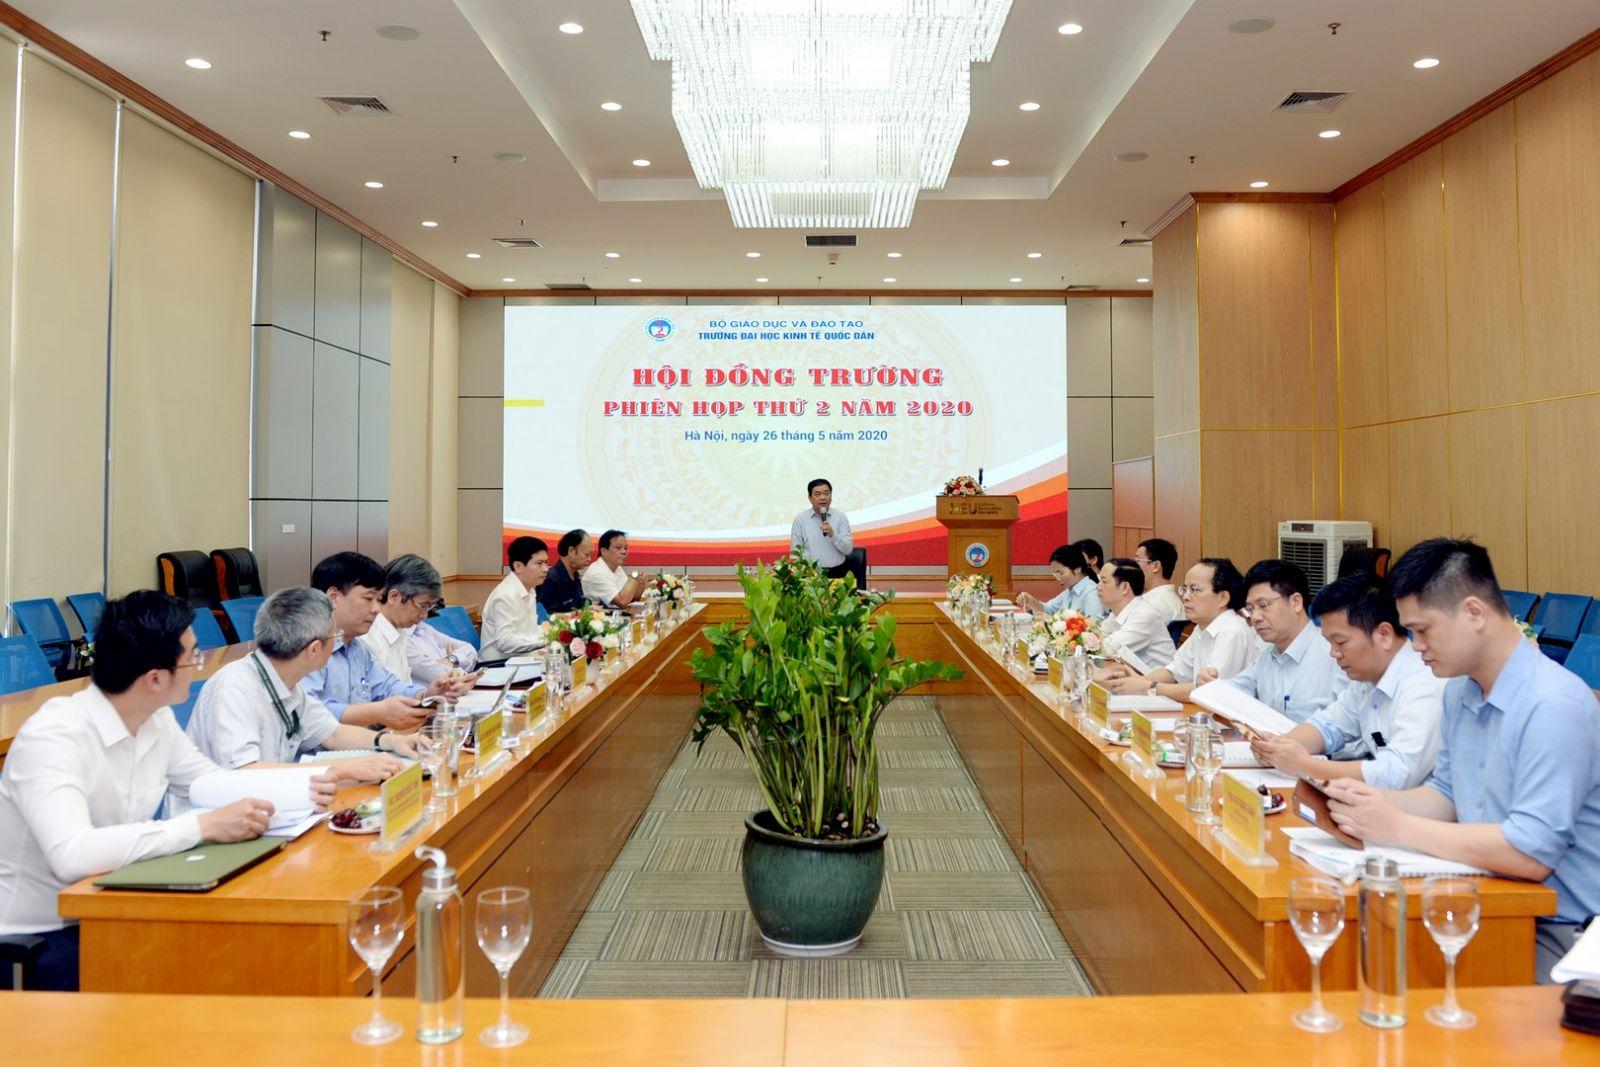 Phiên họp thứ 2 năm 2020 của Hội đồng trường – Trường Đại học Kinh tế Quốc dân